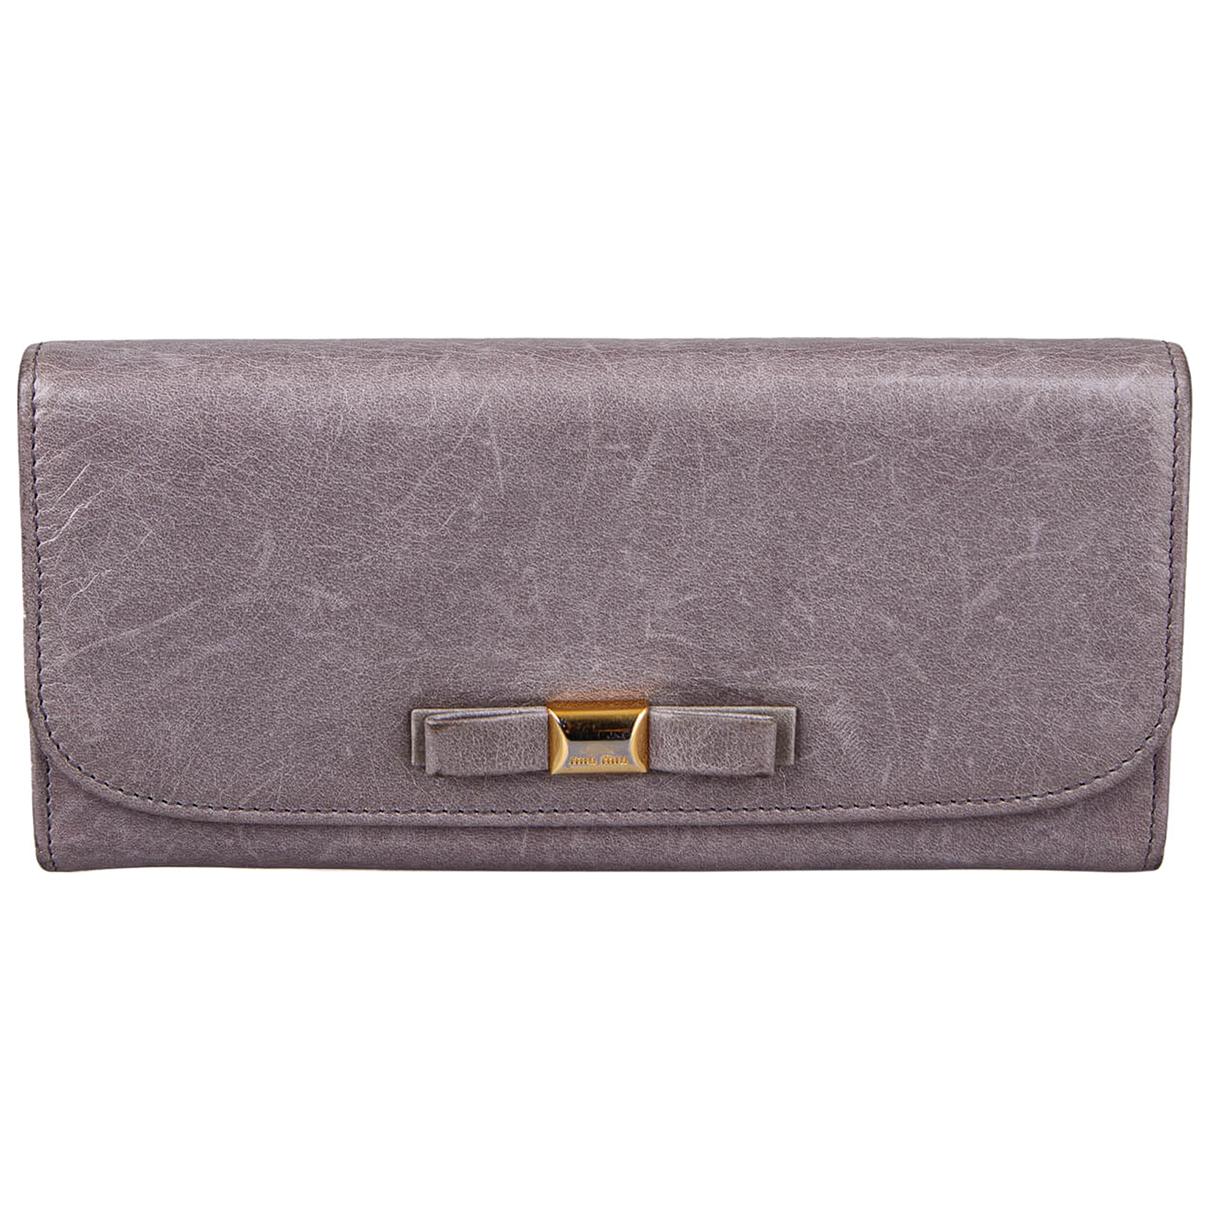 Miu Miu N Grey Leather wallet for Women N